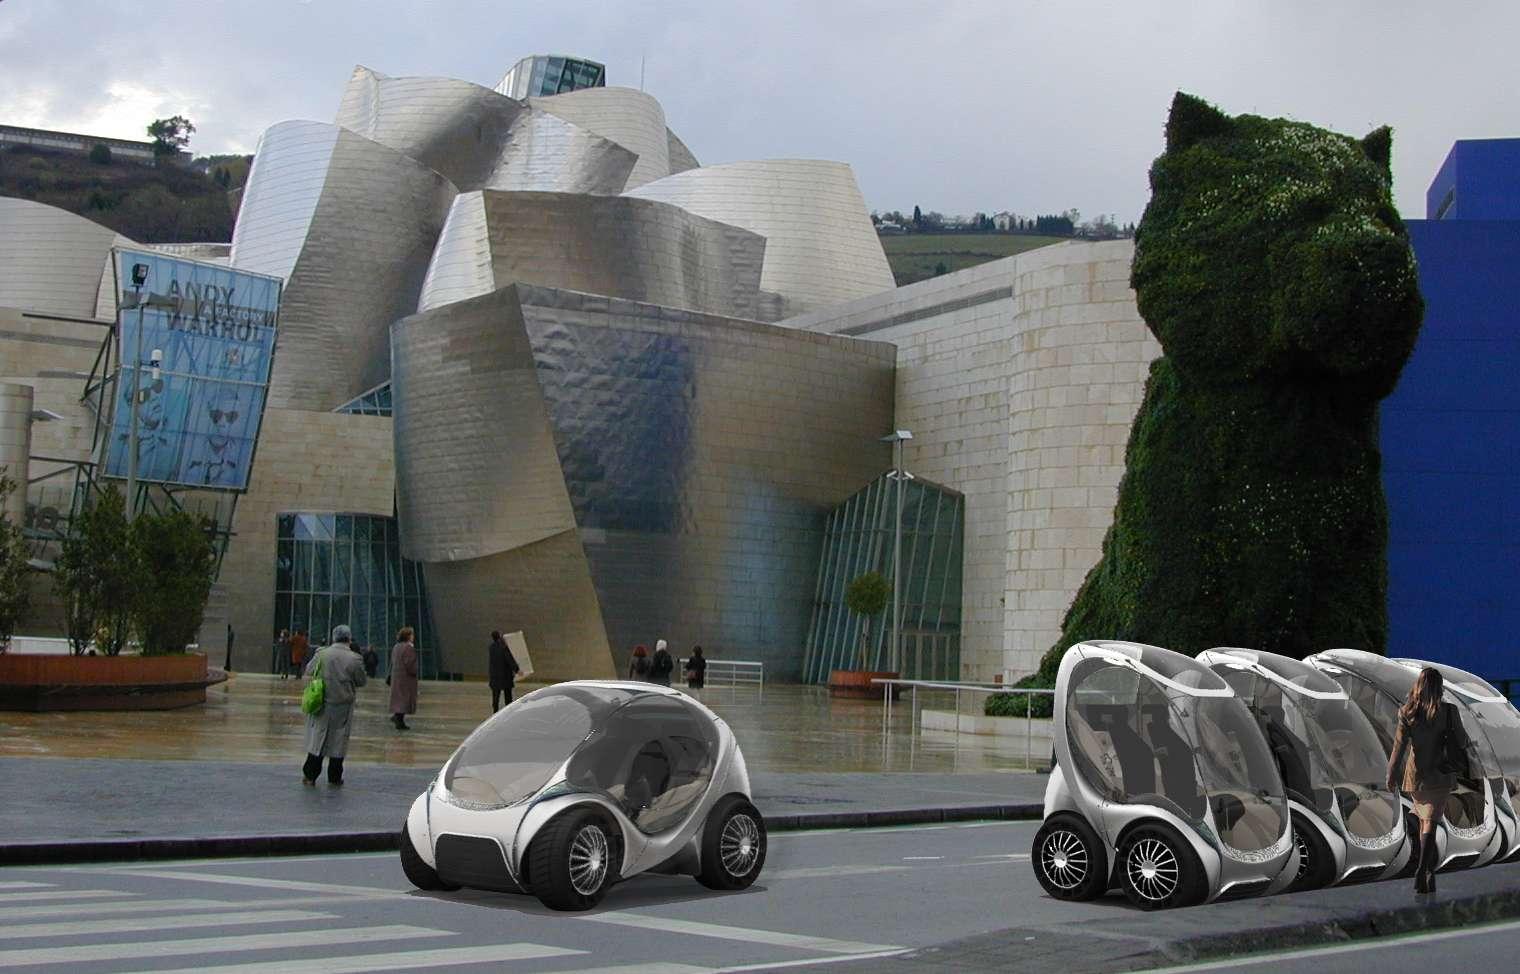 La préproduction de 20 voitures tests a démarré en juillet 2012 à Vitoria-Gasteiz en Espagne. Hiriko pourrait être déclinée en version pickup et décapotable. © Hiriko.com